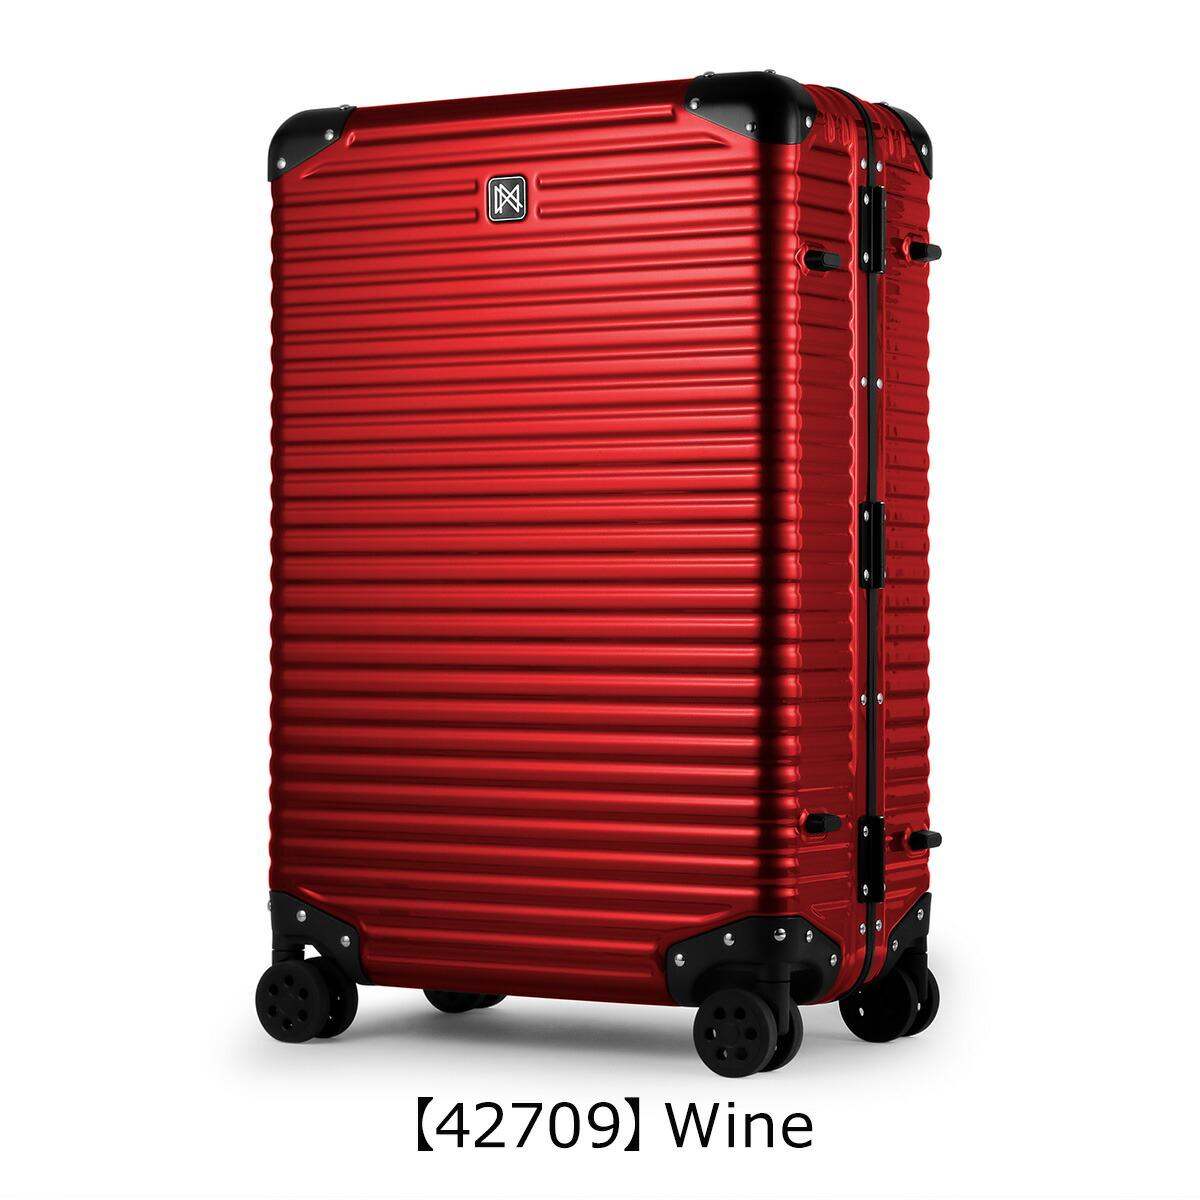 【42709】Wine